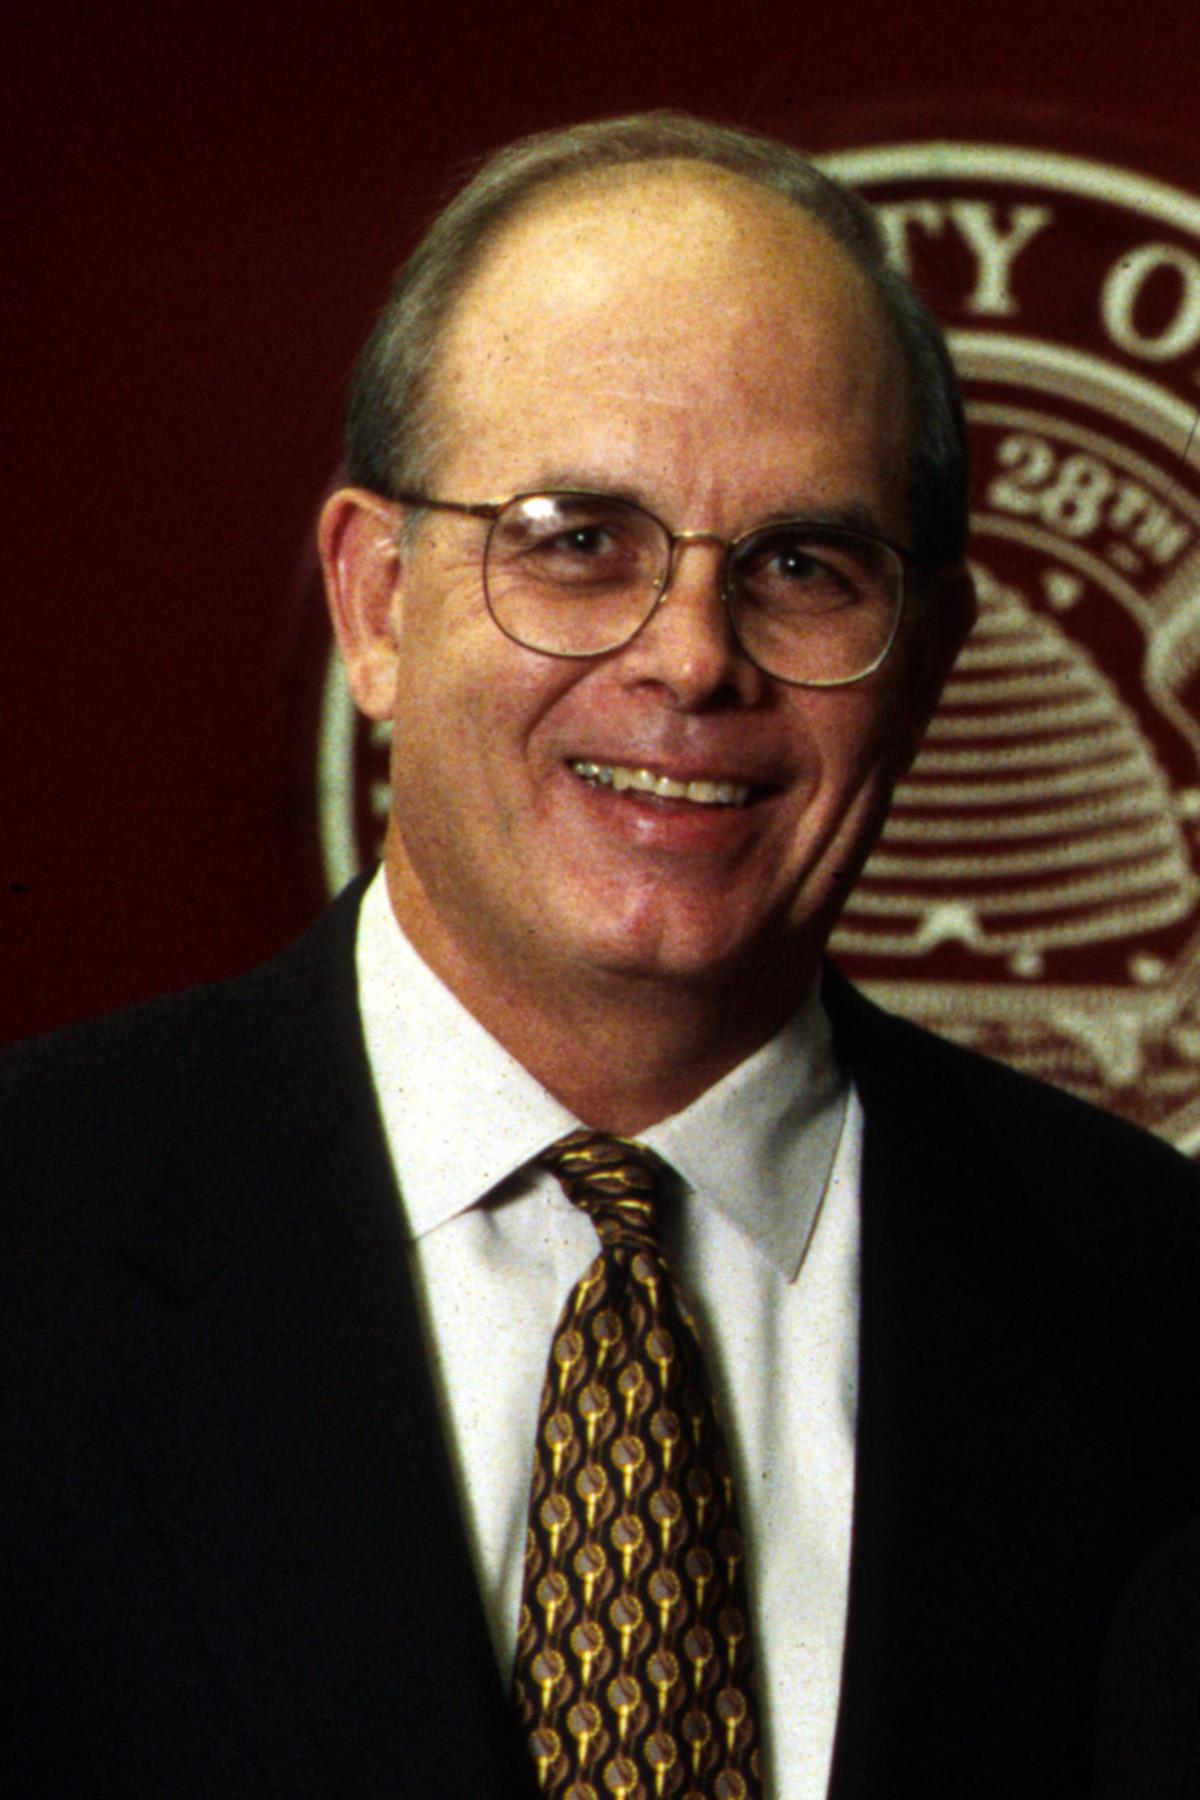 University of Utah President, J. Bernard Machen